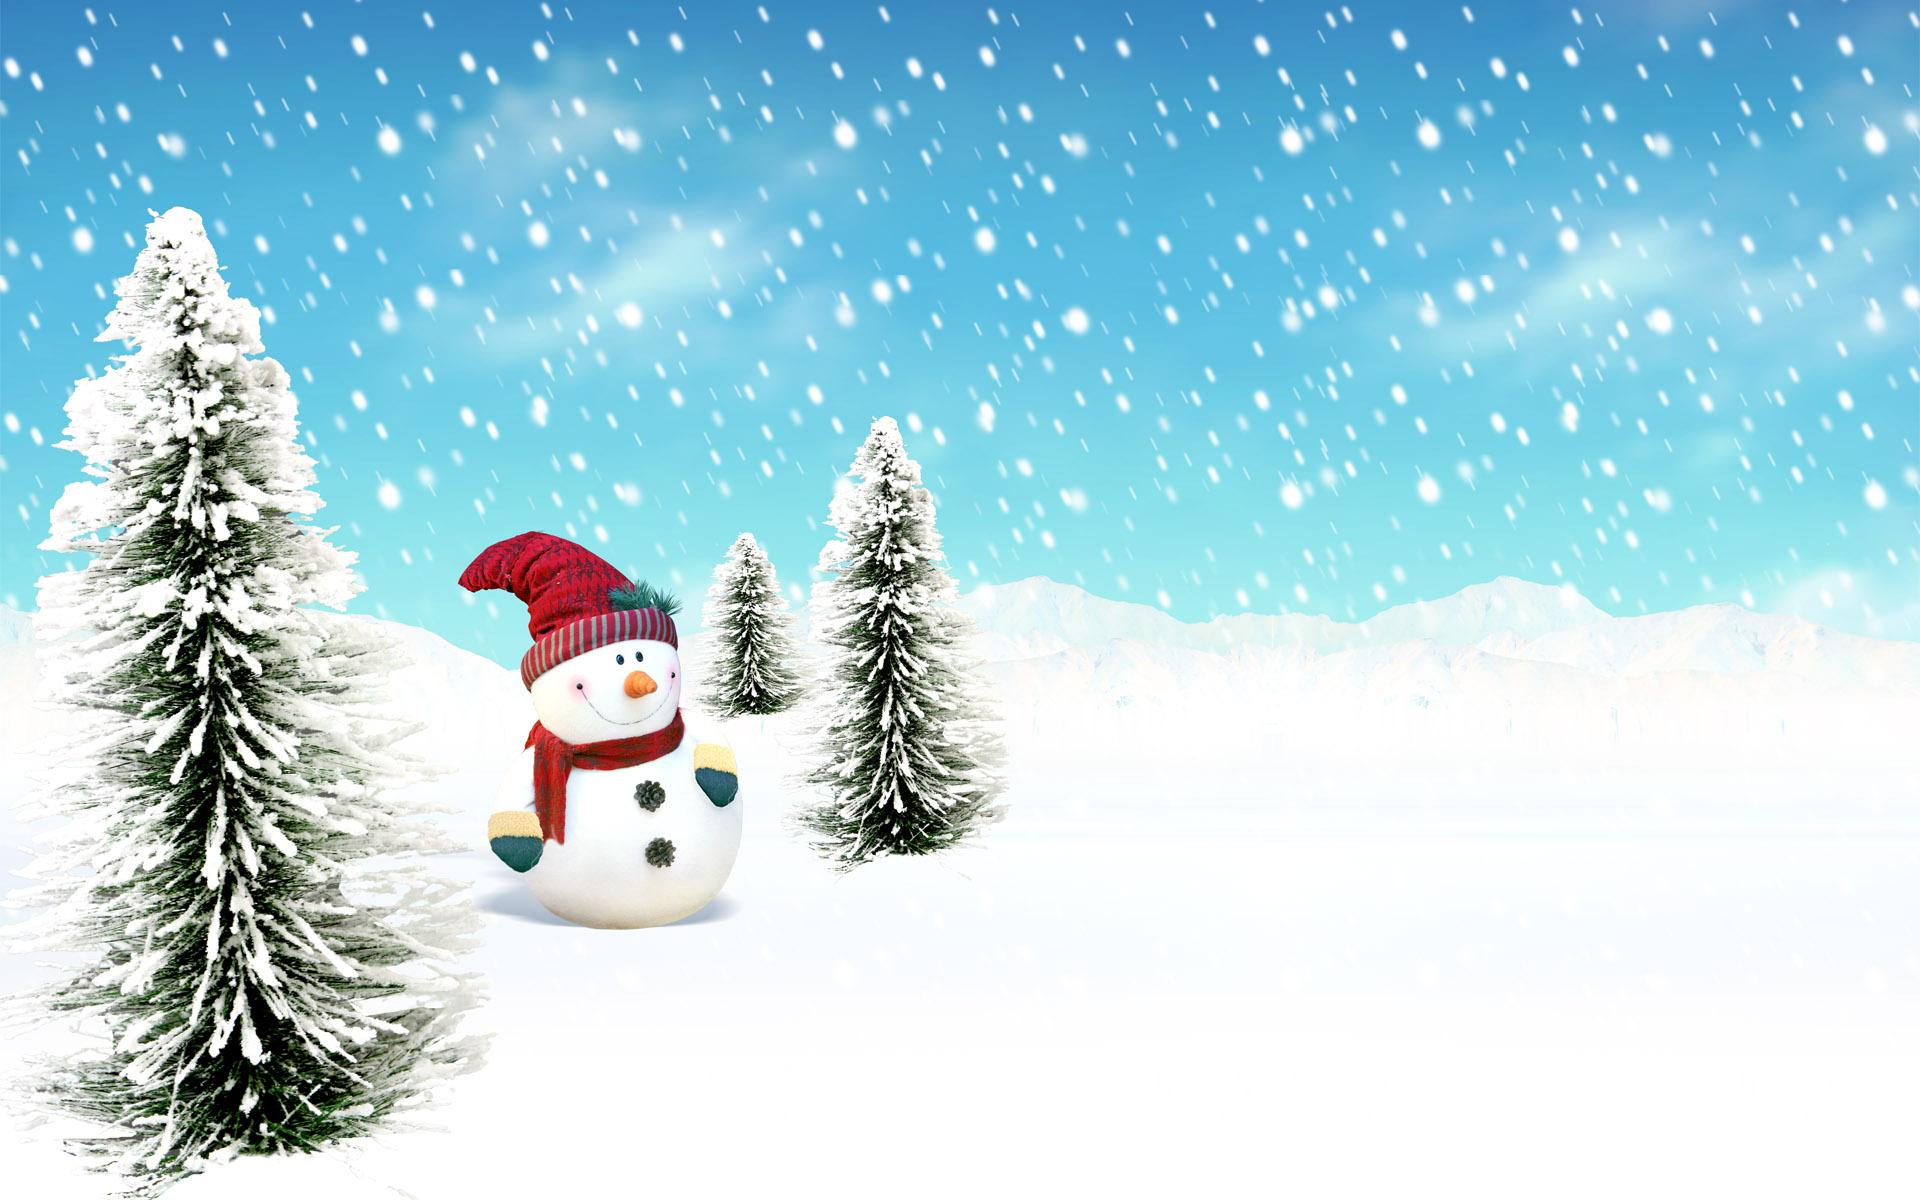 елки и снеговик, обои для рабочего стола, снег, зима